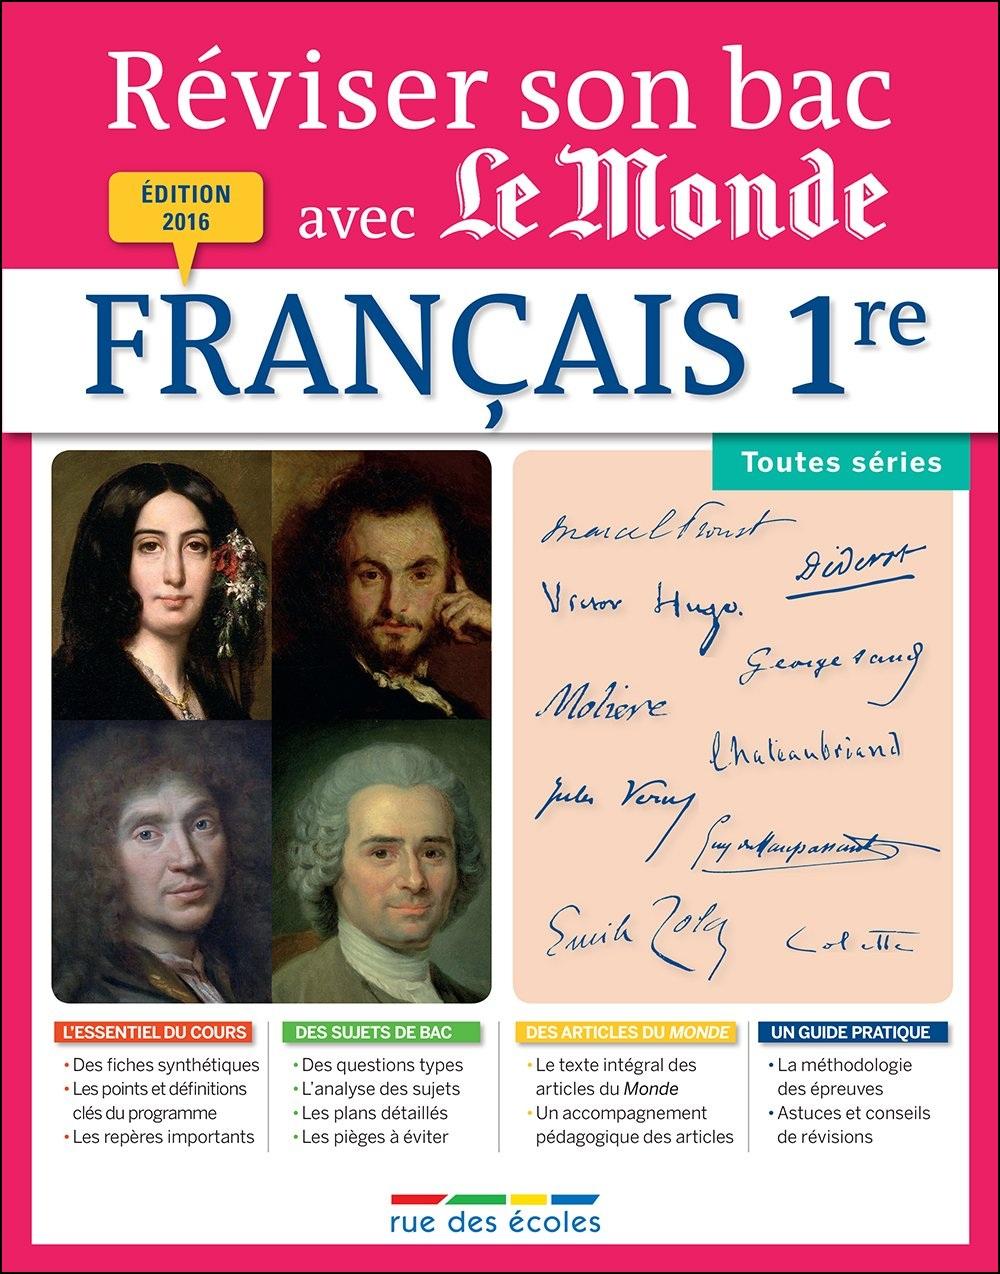 Réviser son bac avec Le Monde (2016) : Français 1re